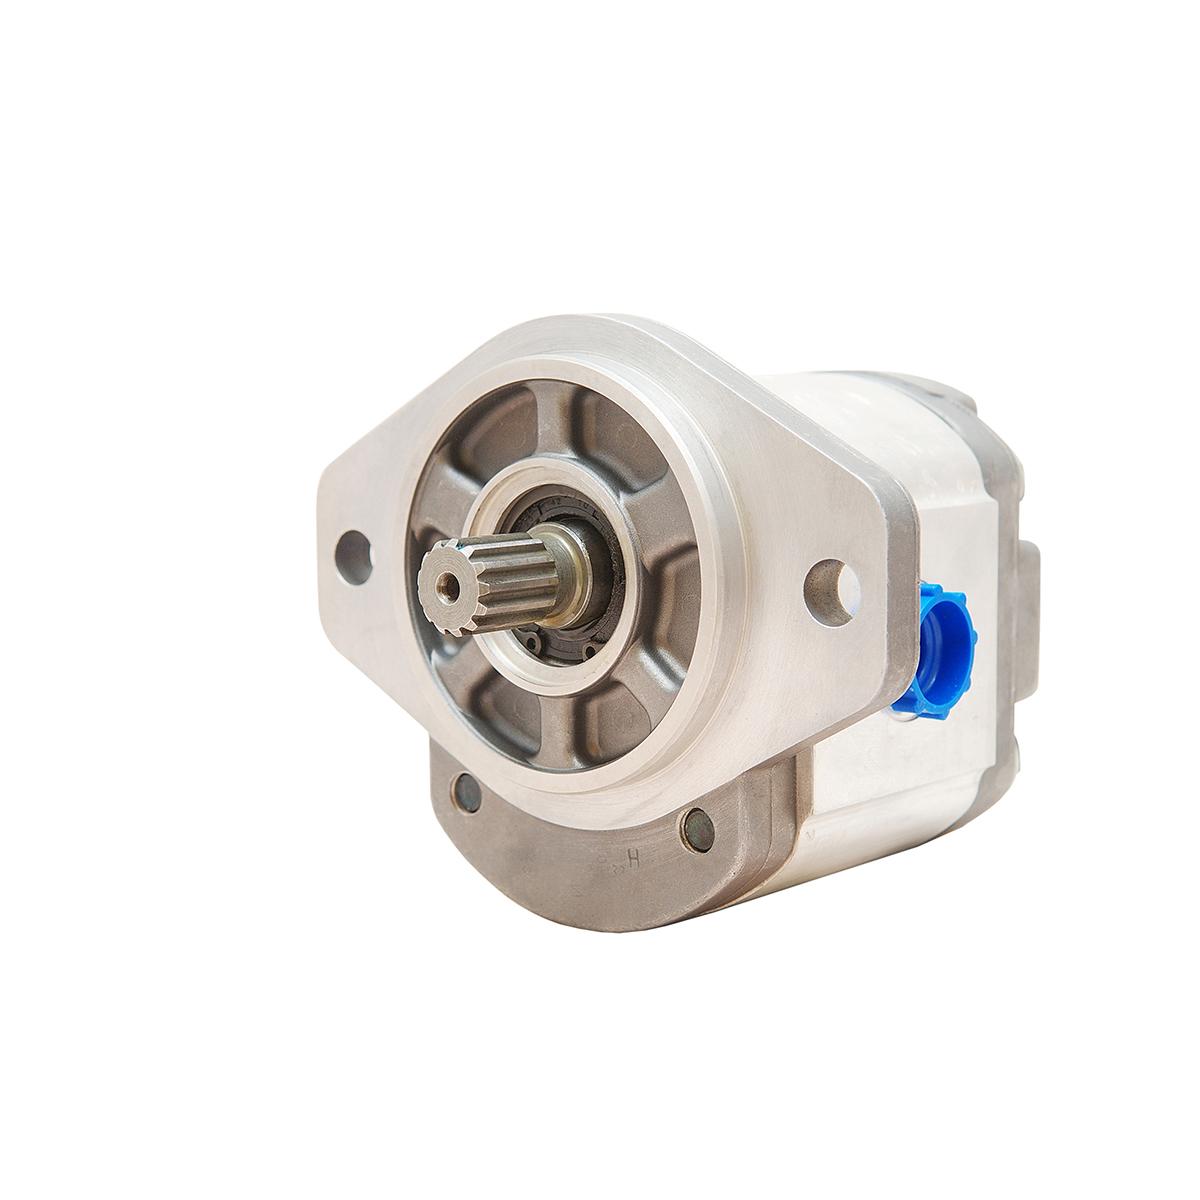 1.70 CID hydraulic gear pump, 13 tooth spline shaft counter-clockwise gear pump | Magister Hydraulics